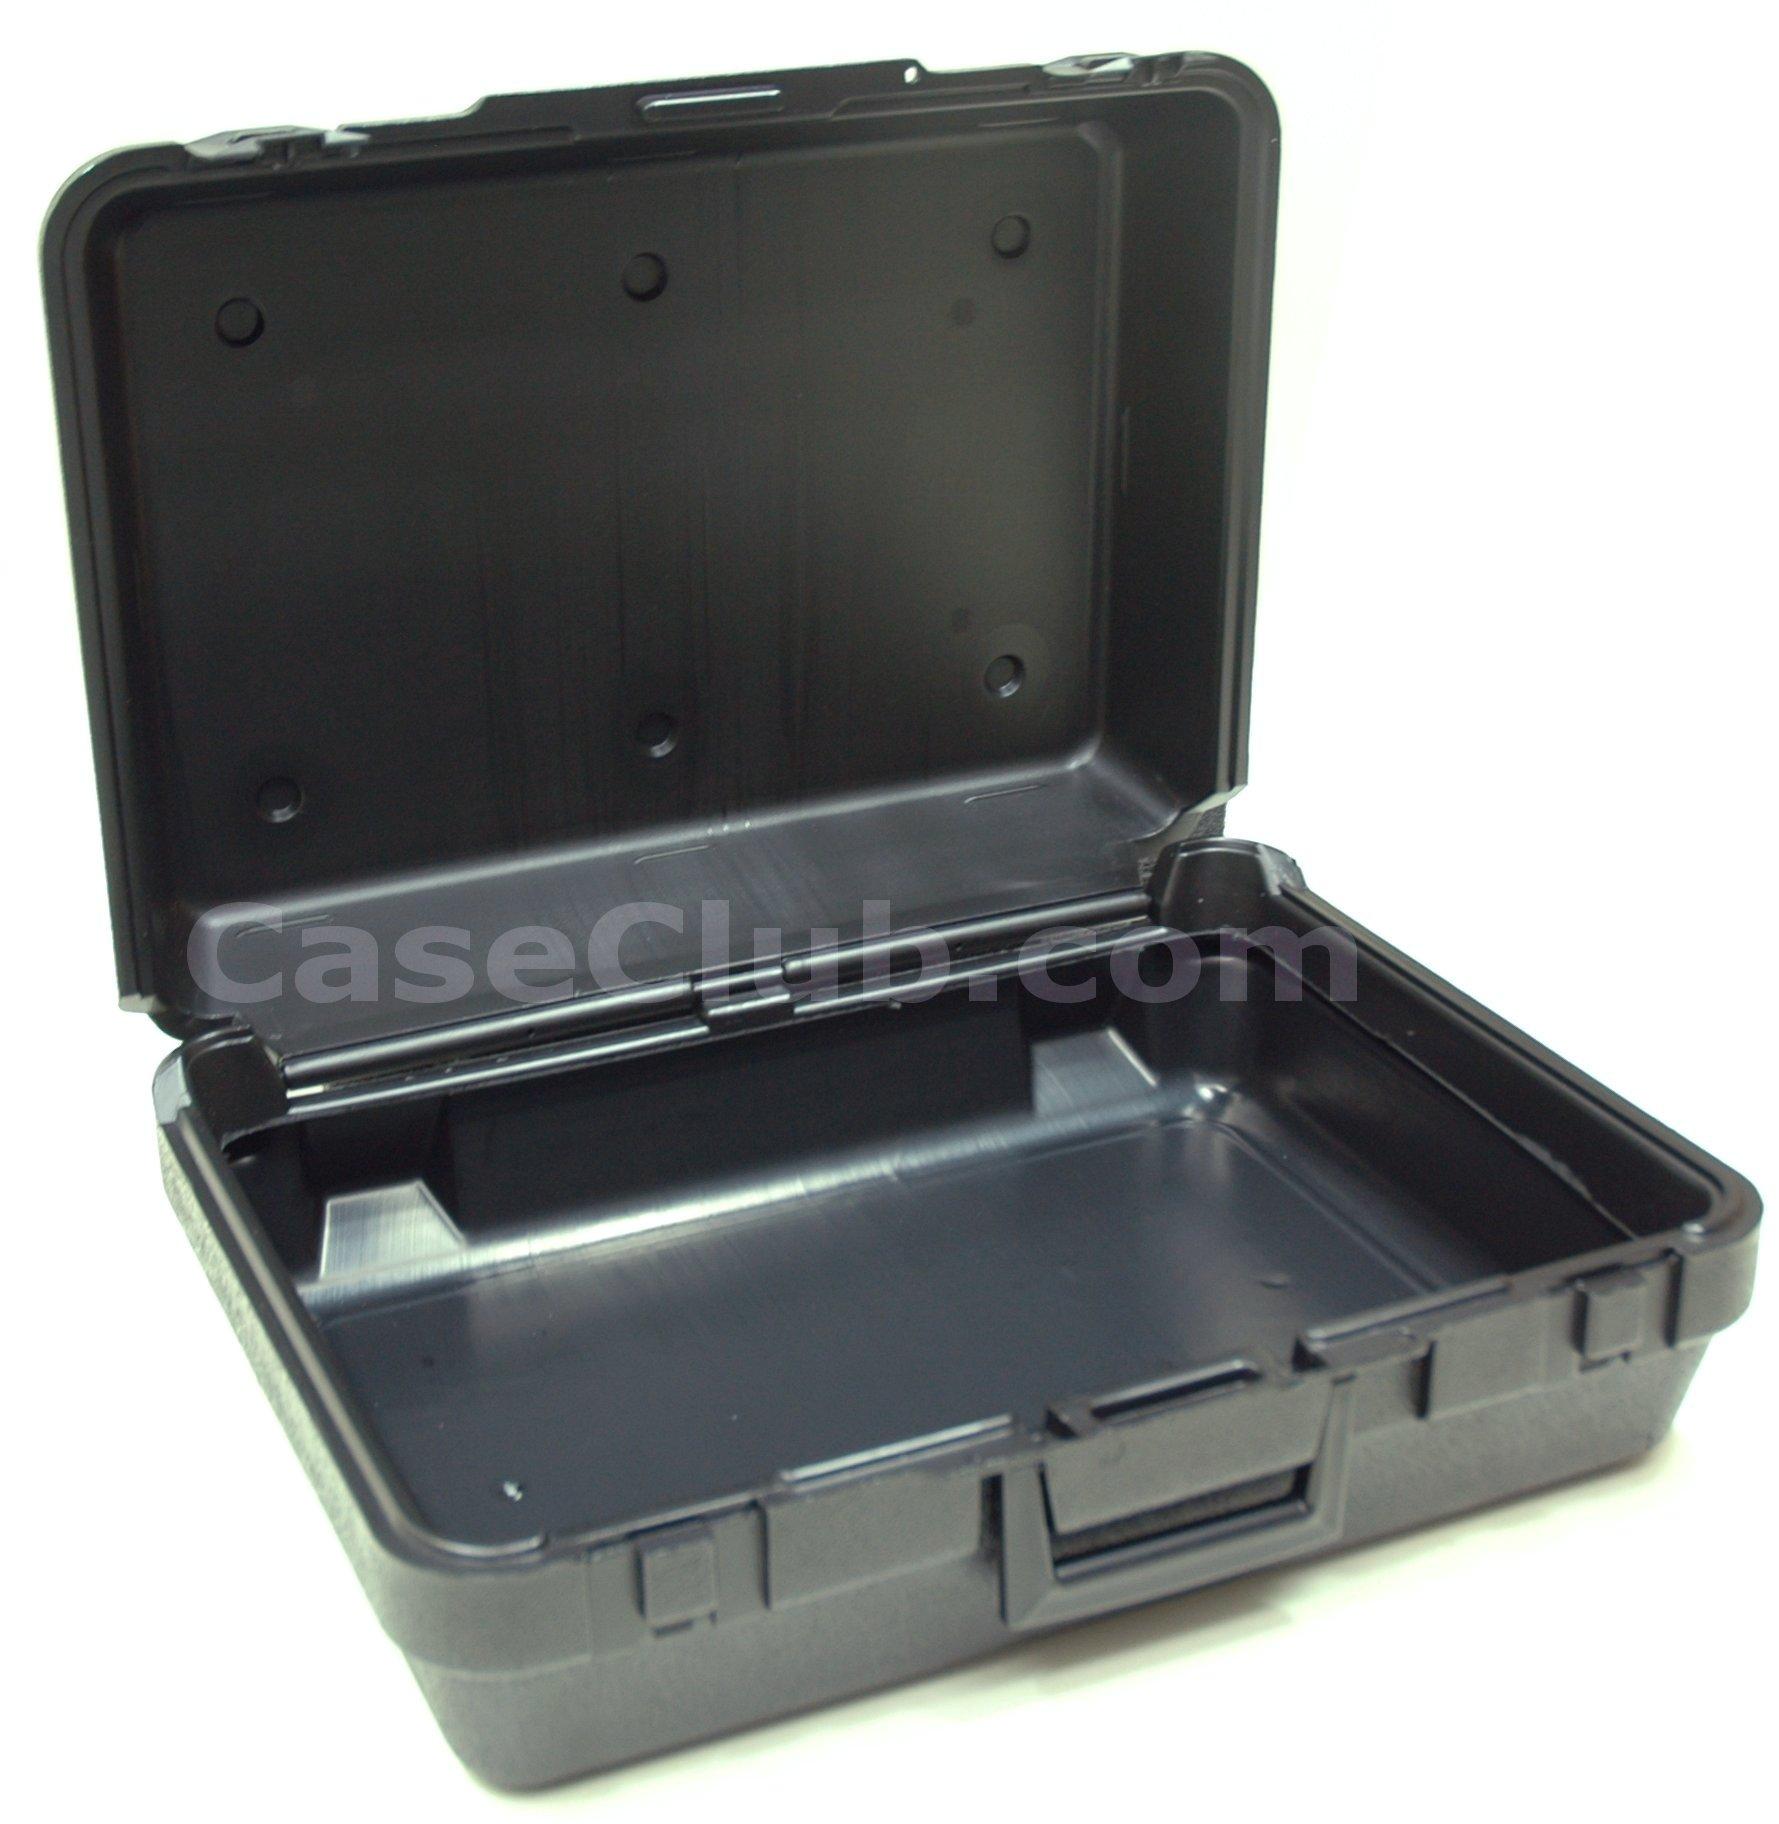 B19x14x7.0 Case